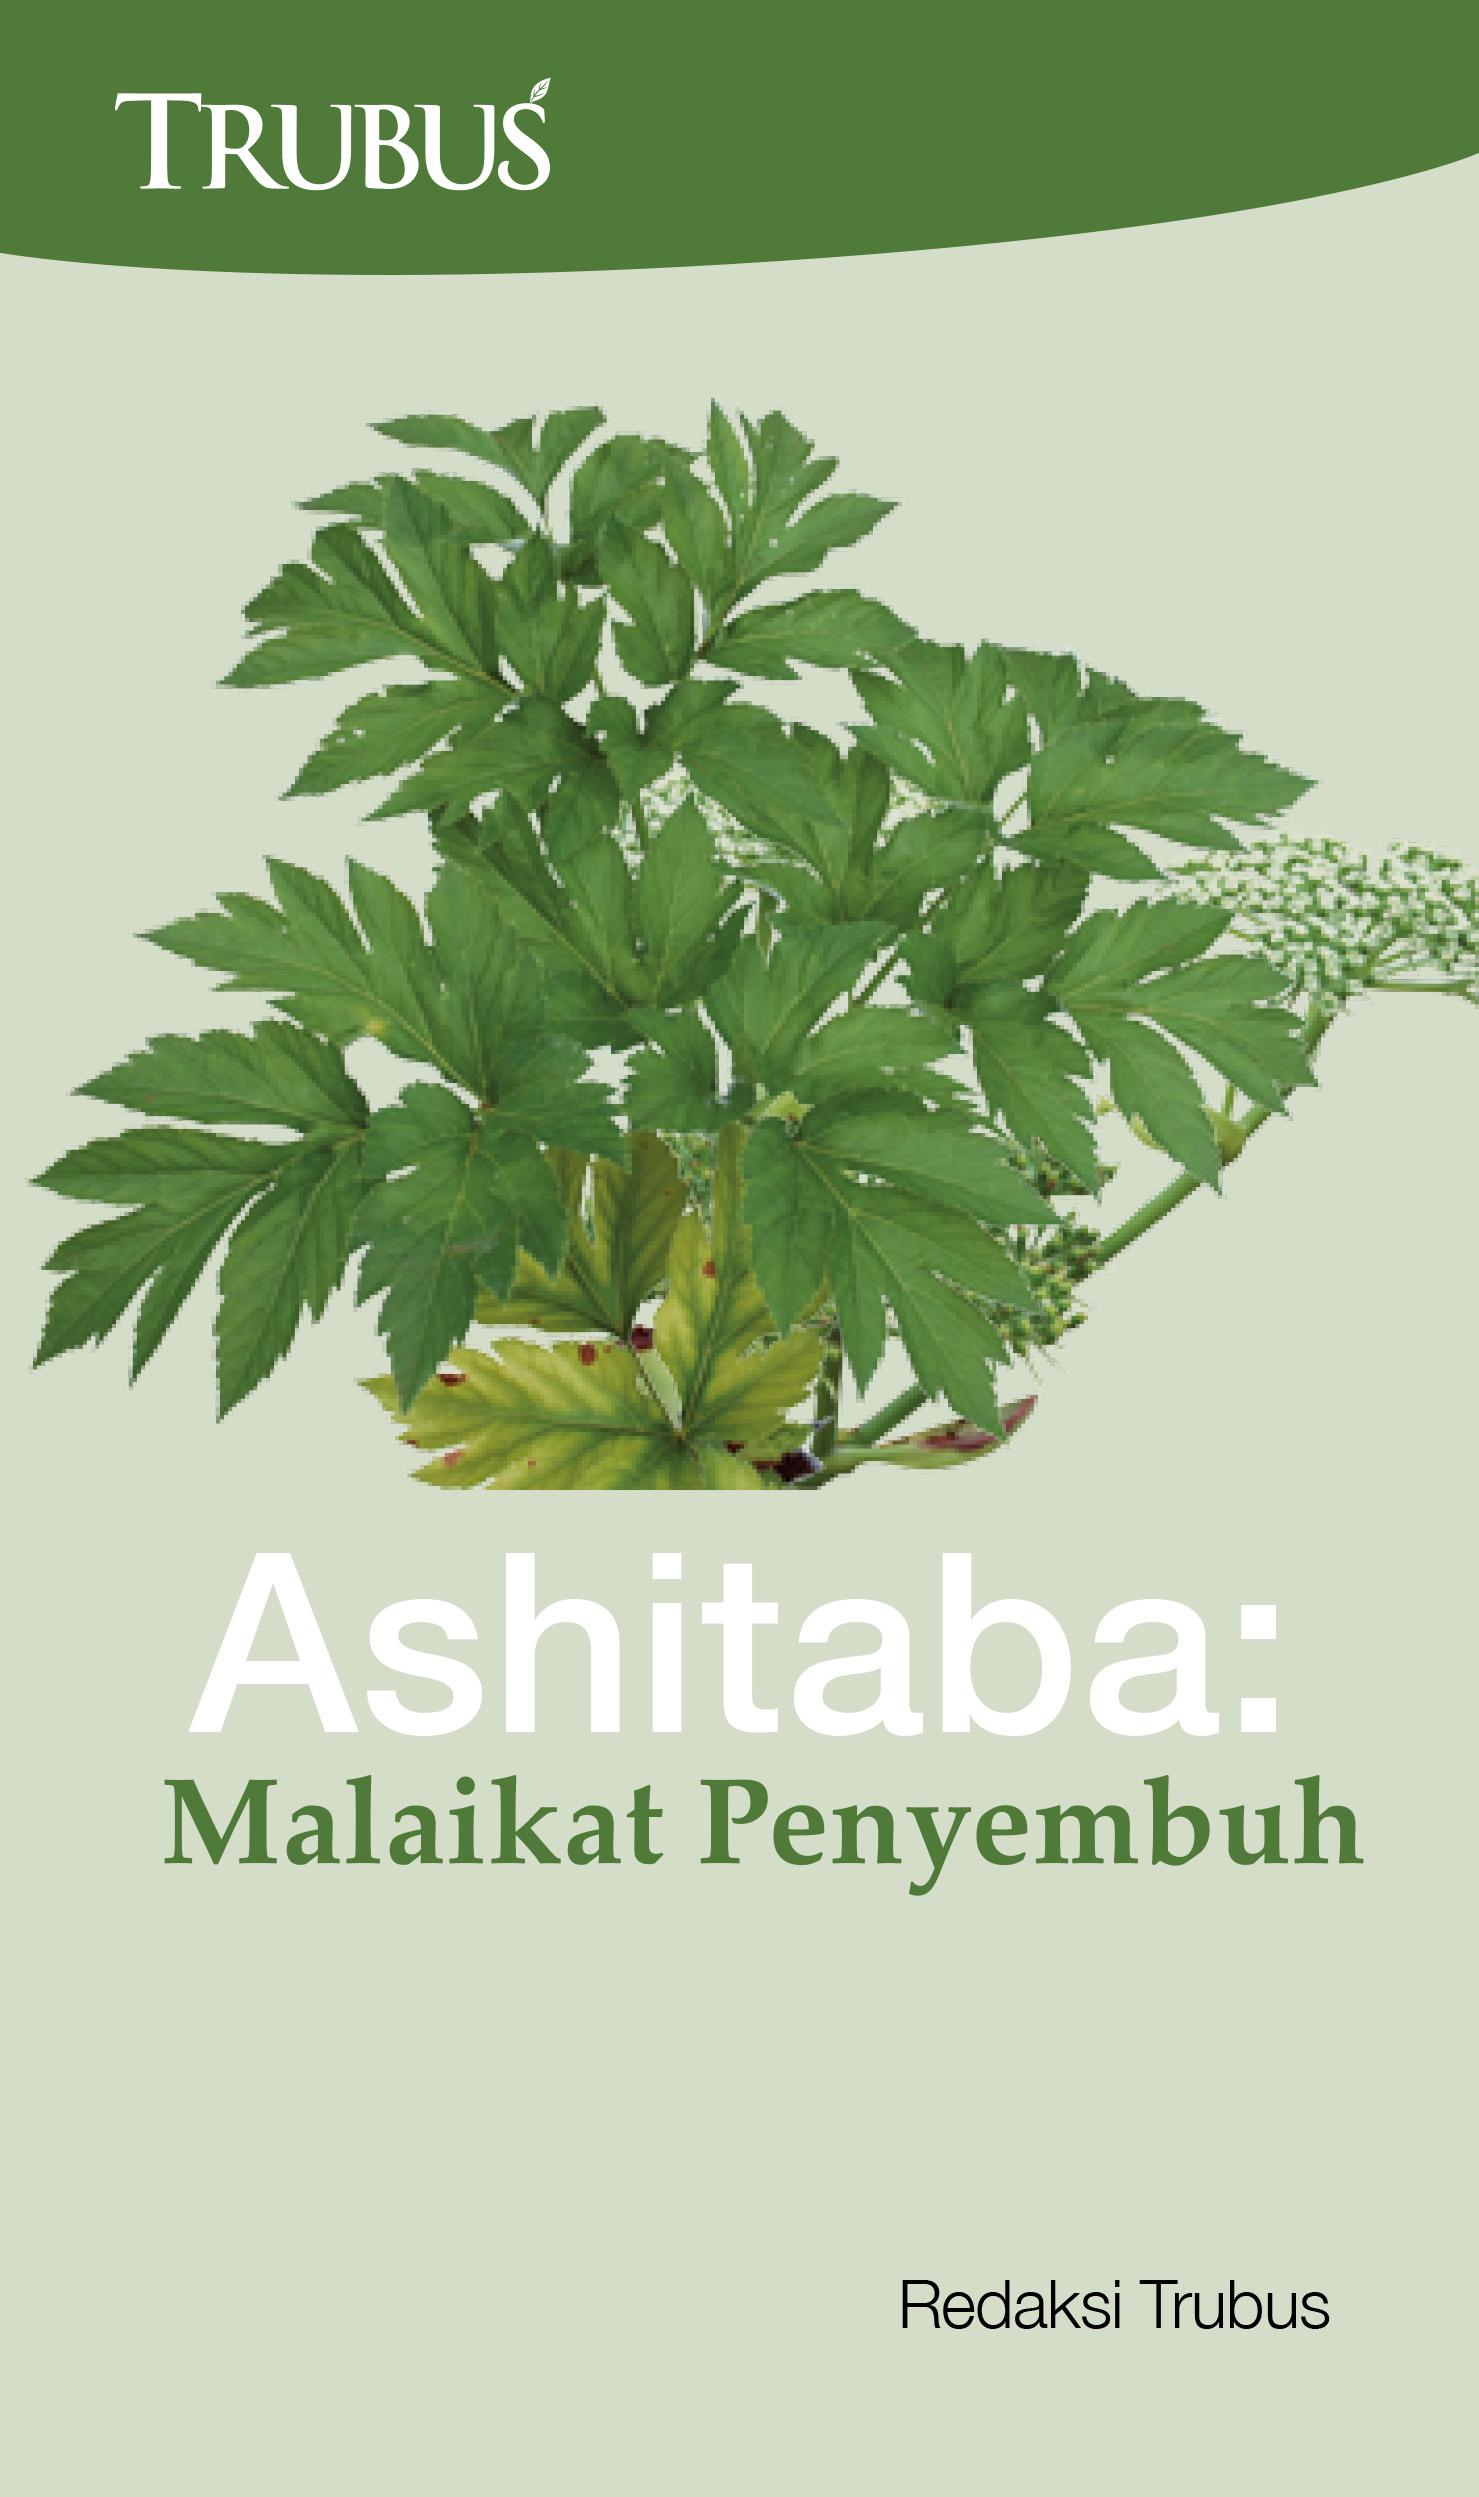 Ashitaba: malaikat penyembuh  [sumber elektronis]